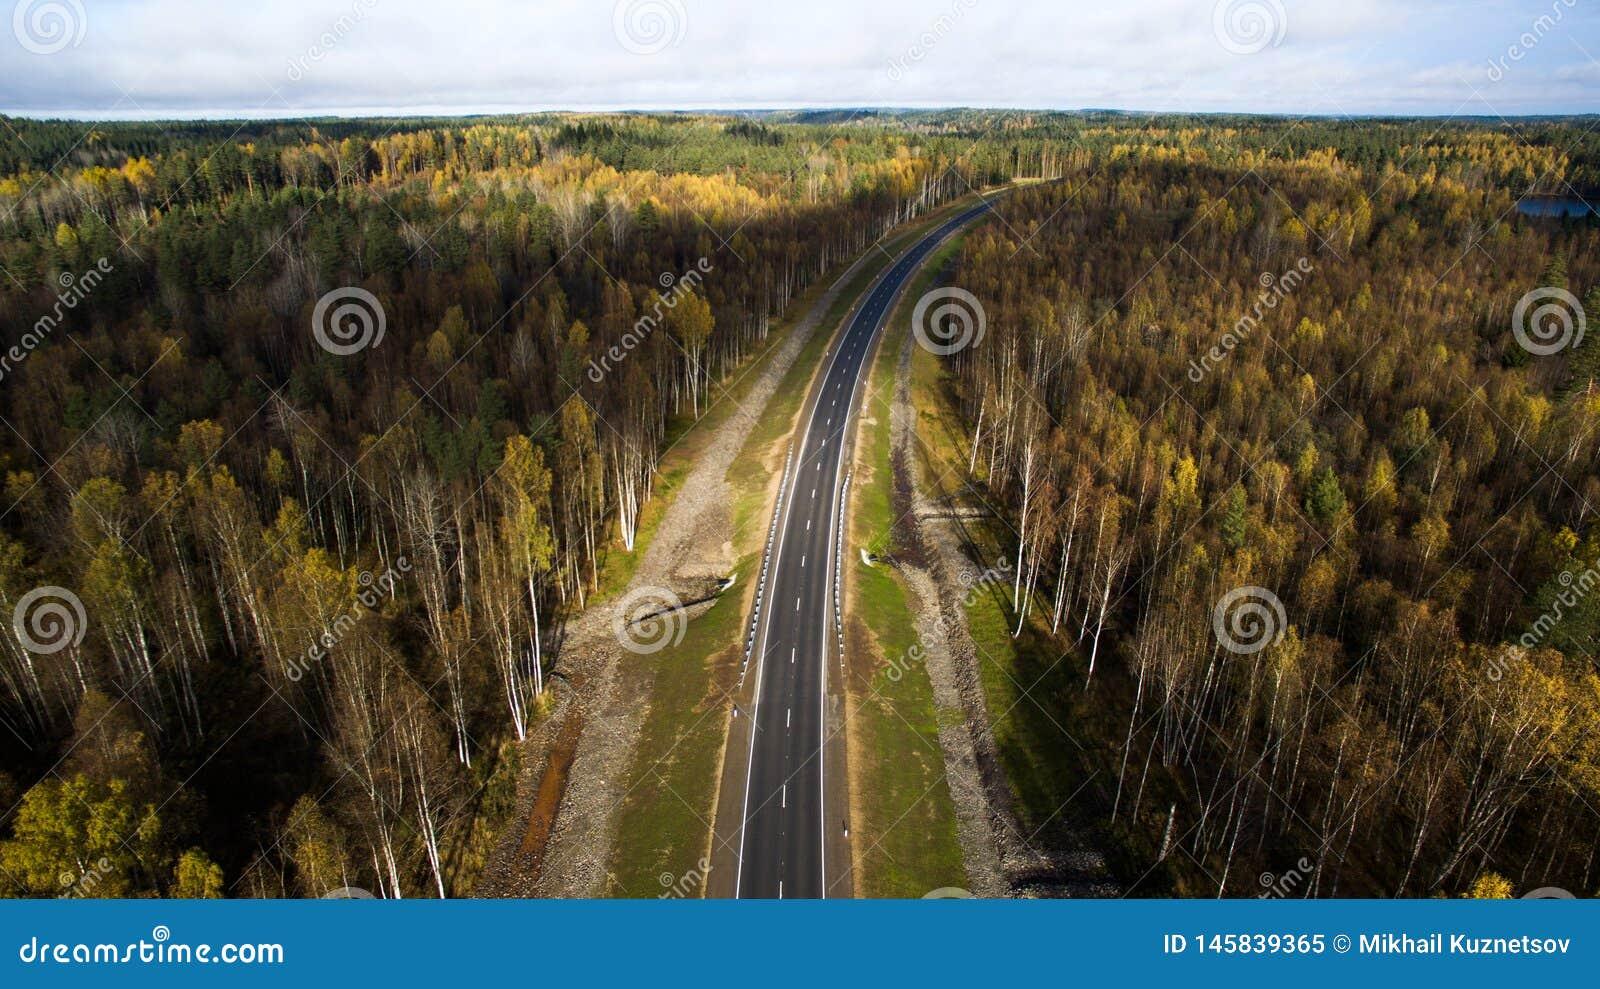 Вид с воздуха проселочной дороги через лес в осени фотография трутня